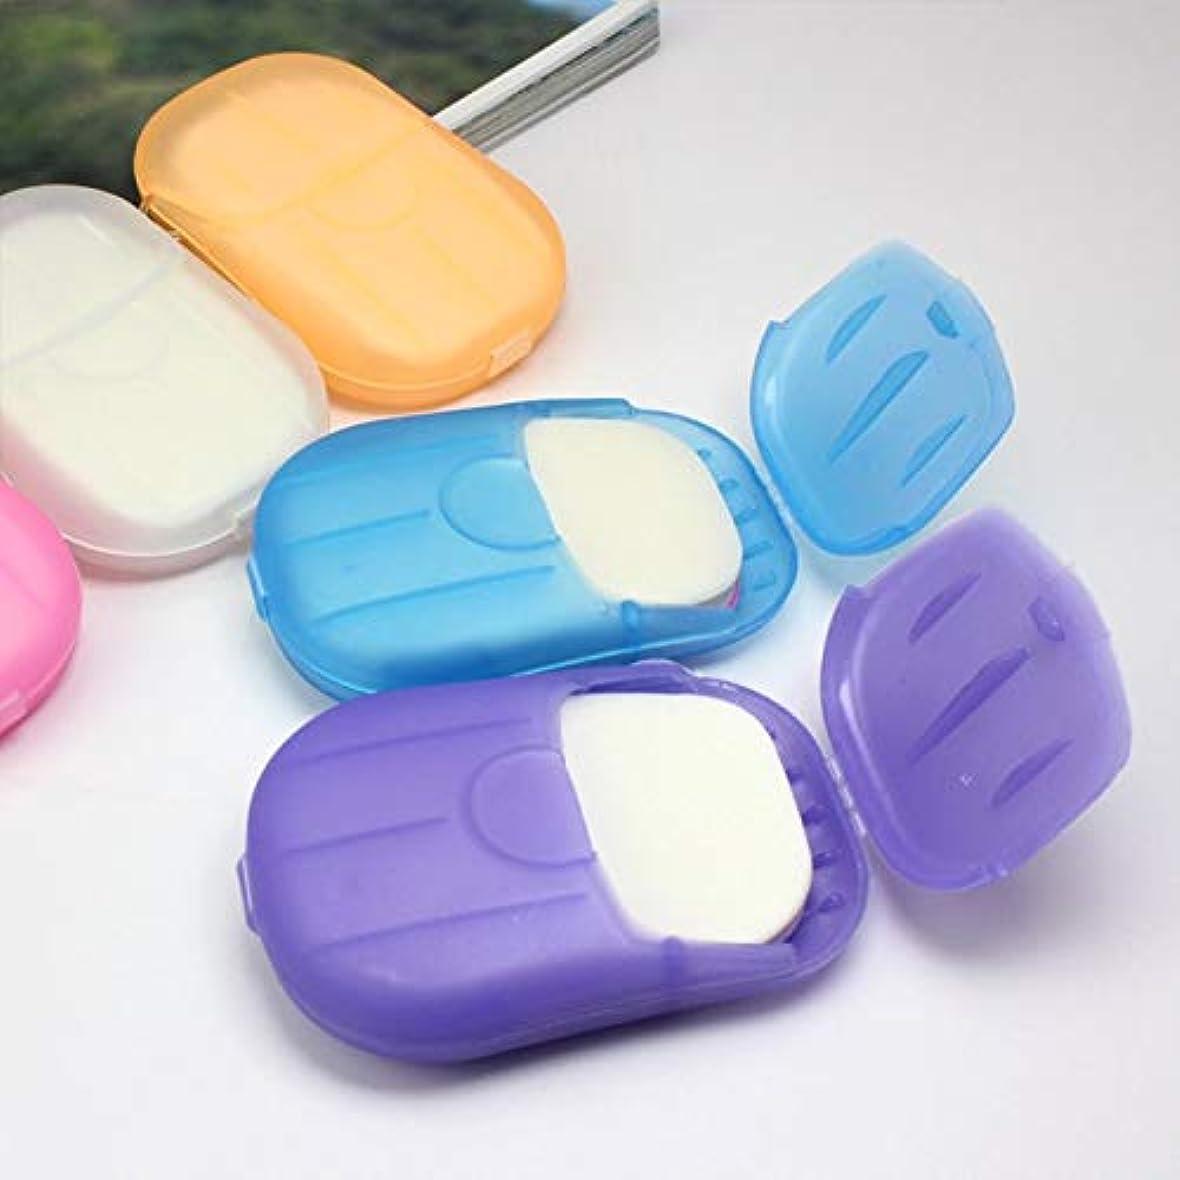 ブラウズ忘れっぽいあからさま20 Pcs Paper Soap Outdoor Travel Bath Soap Tablets Portable Hand-washing